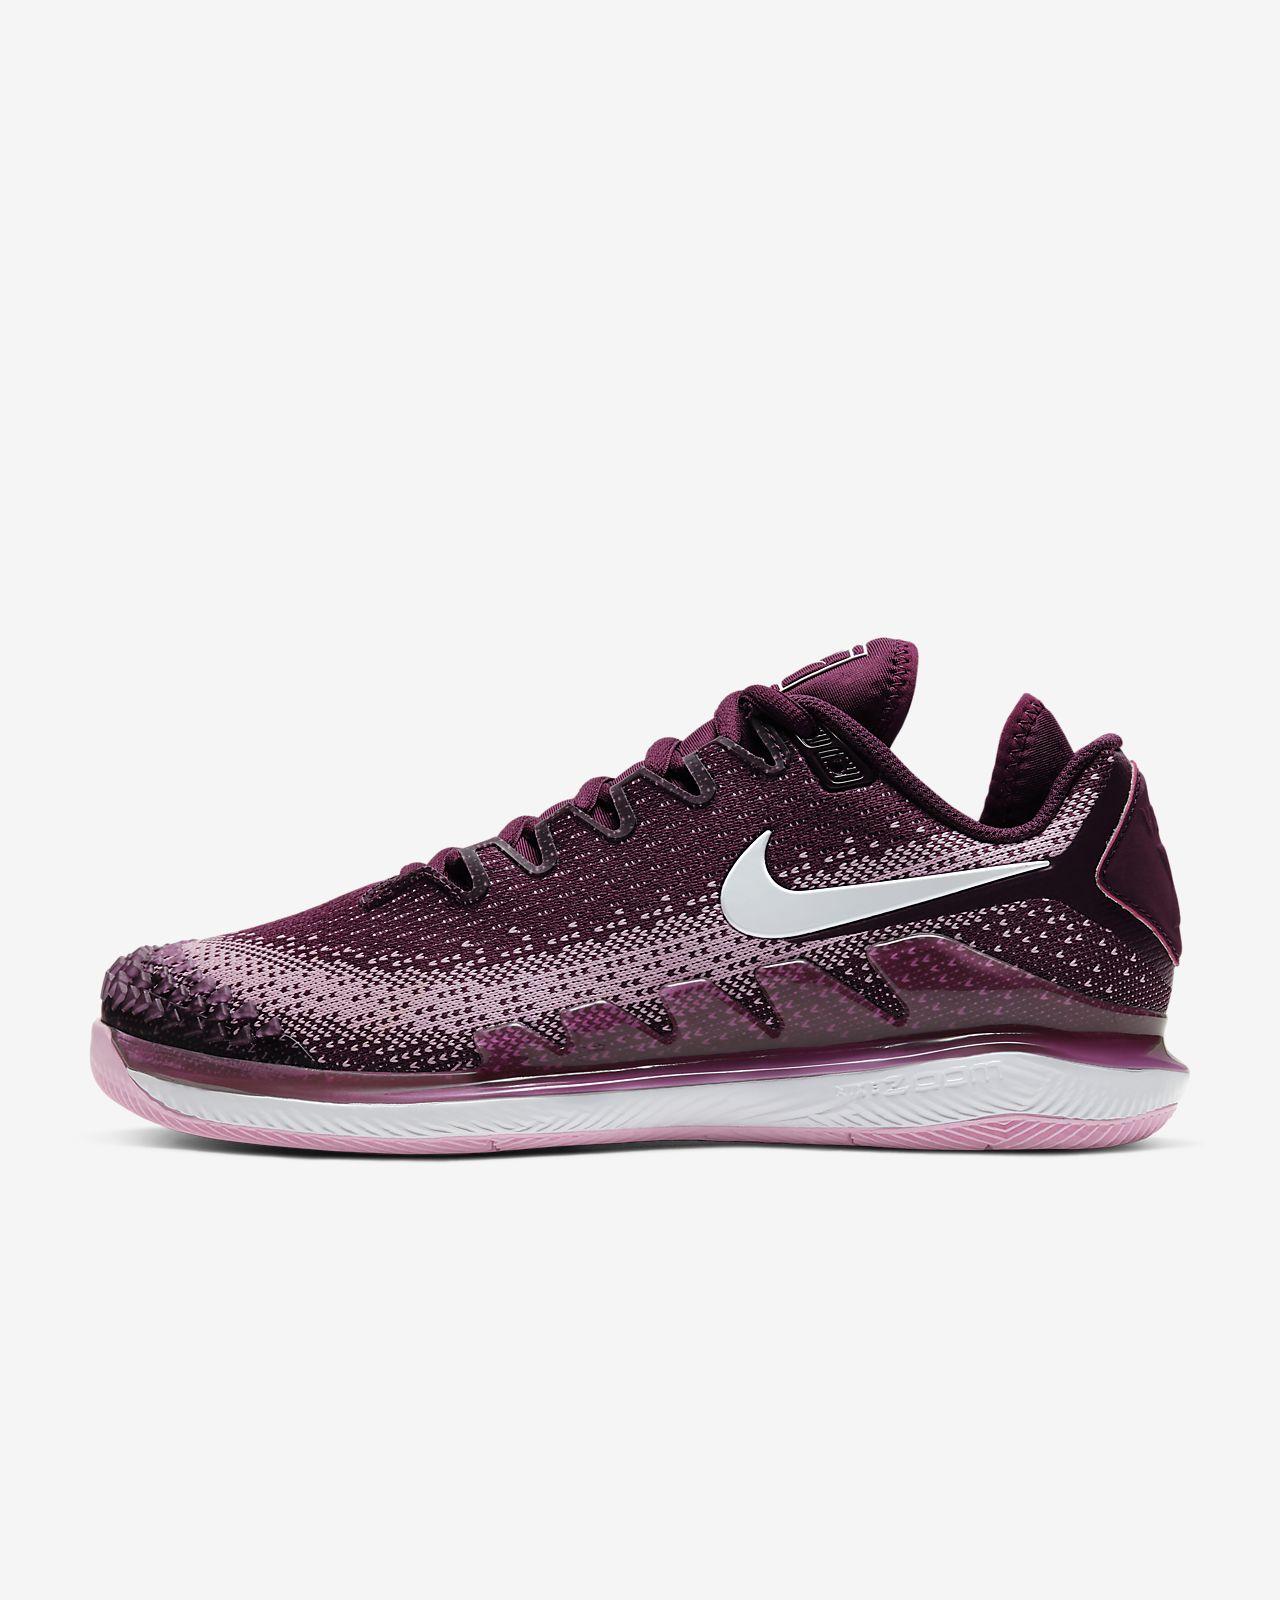 Chaussure de tennis pour surface dure NikeCourt Air Zoom Vapor X Knit pour Femme